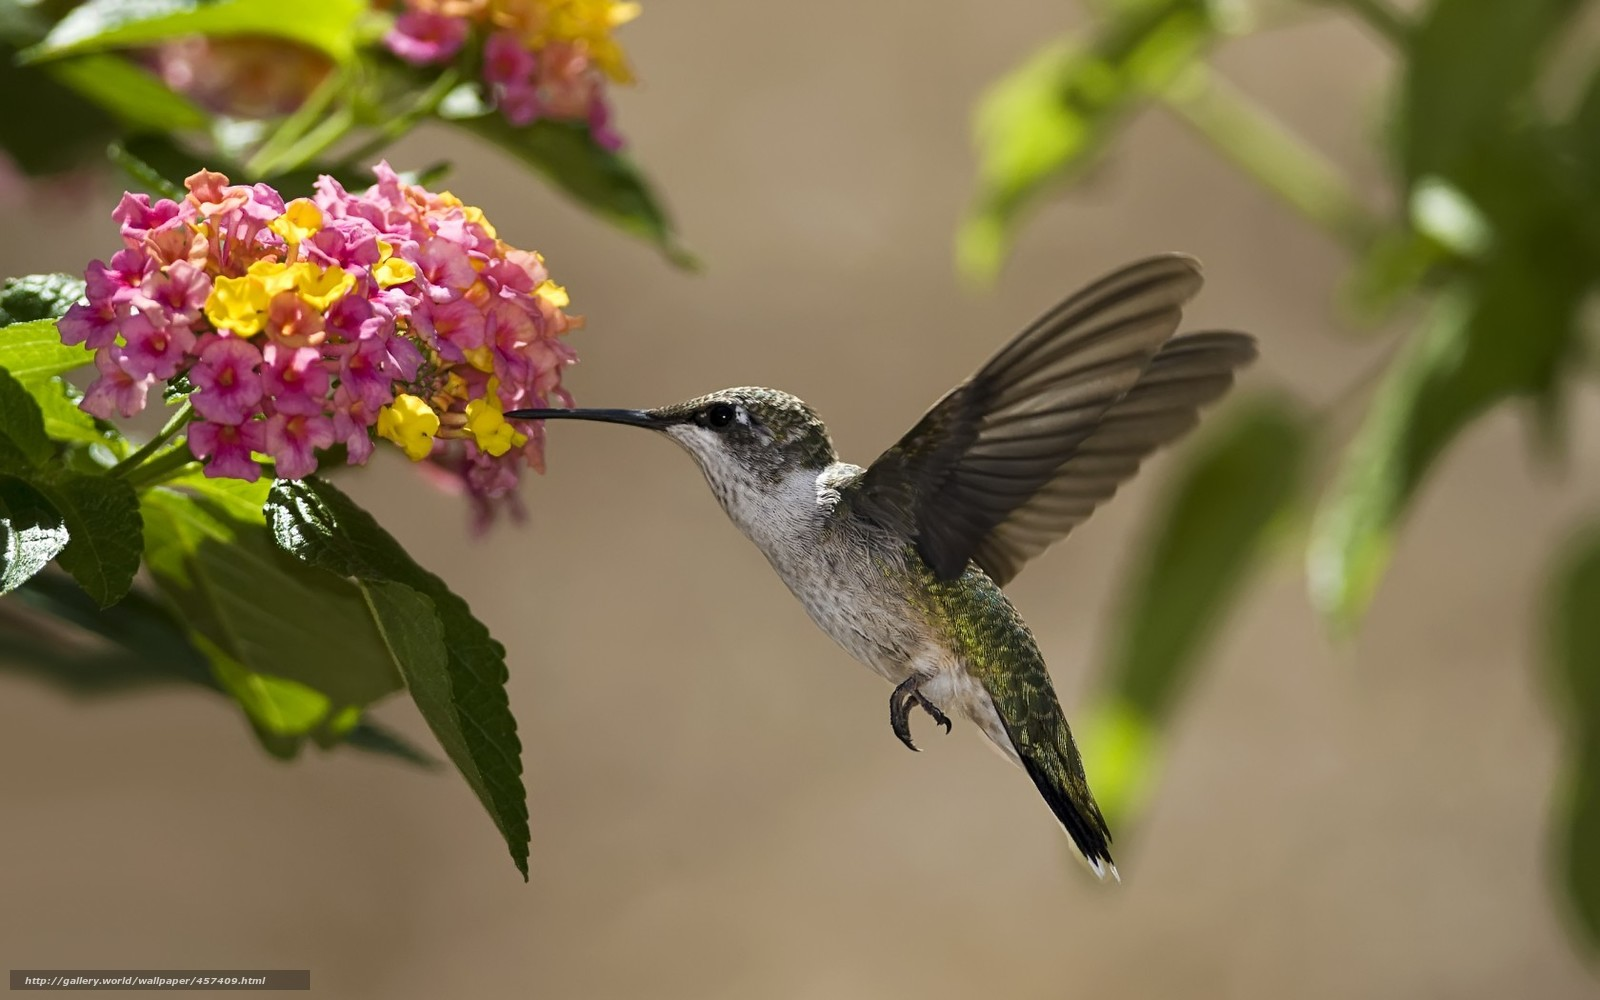 Скачать обои птица,  колибри,  цветы,  нектар бесплатно для рабочего стола в разрешении 1680x1050 — картинка №457409